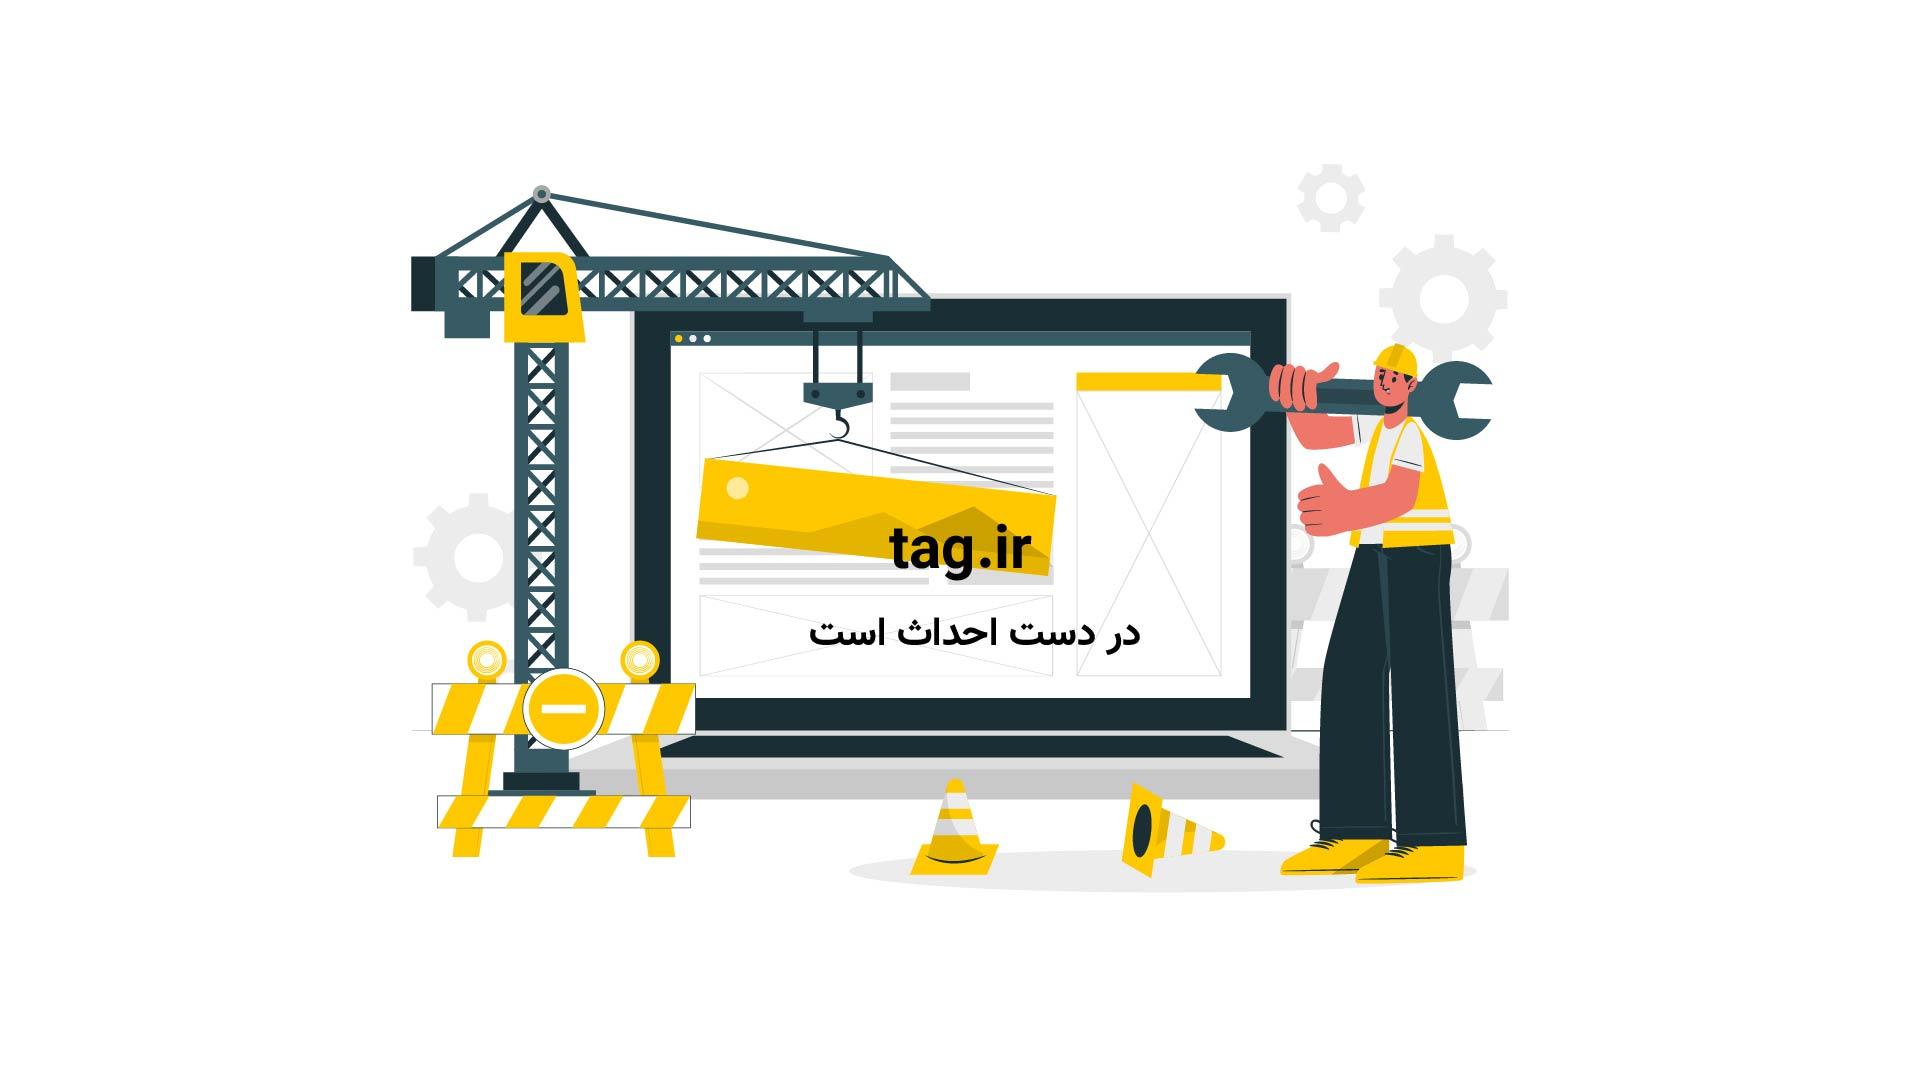 آيا تشعشعات تلفن همراه با سرطان ارتباط دارد   فیلم